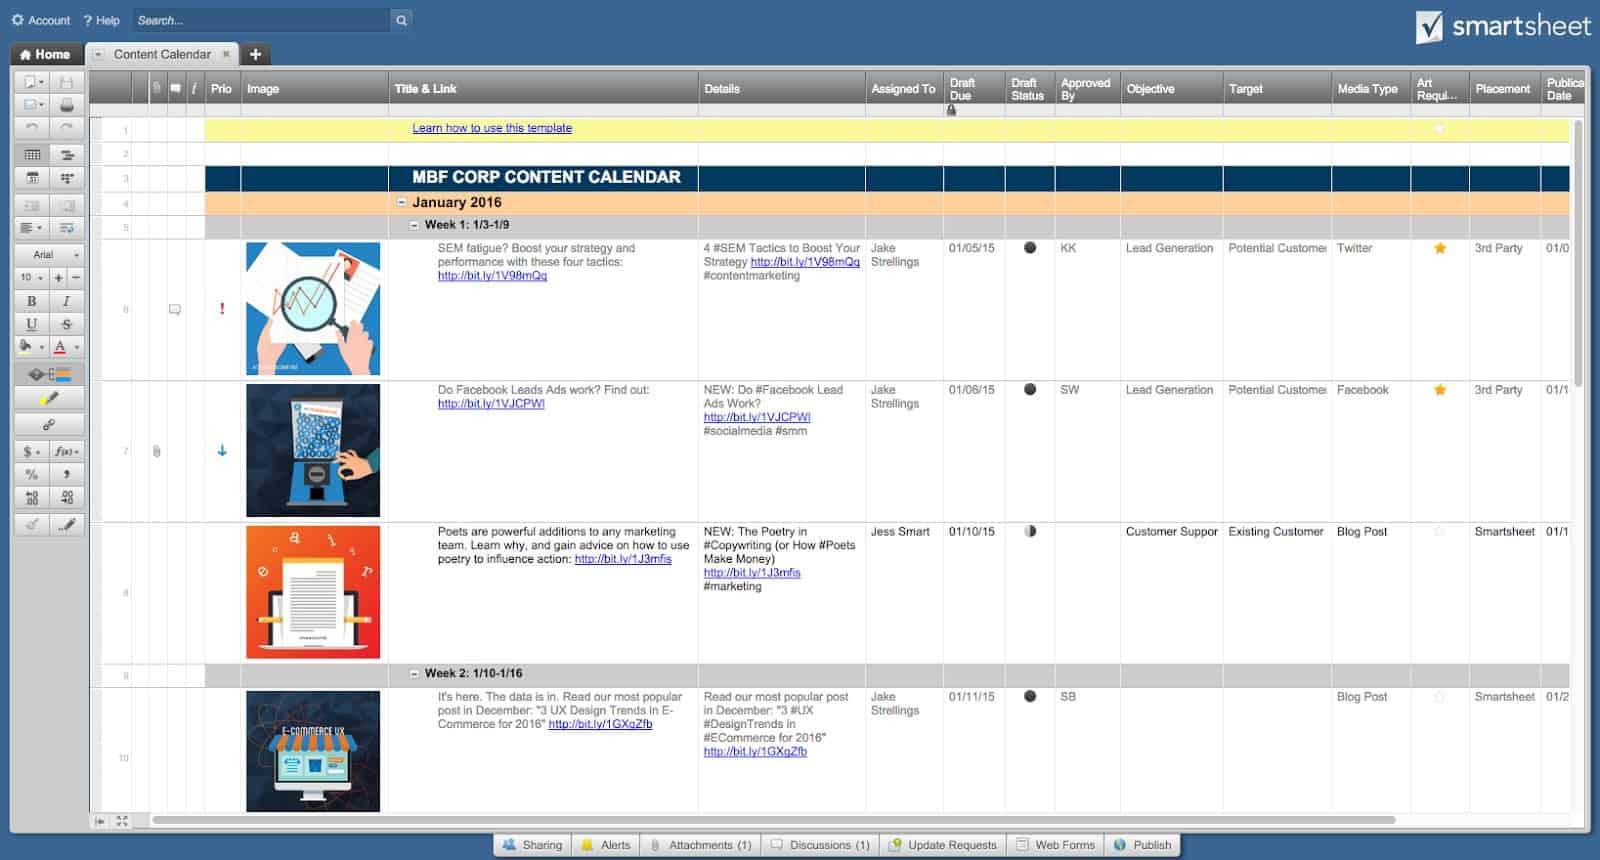 Free Social Media Templates Smartsheet - Social media post planner template